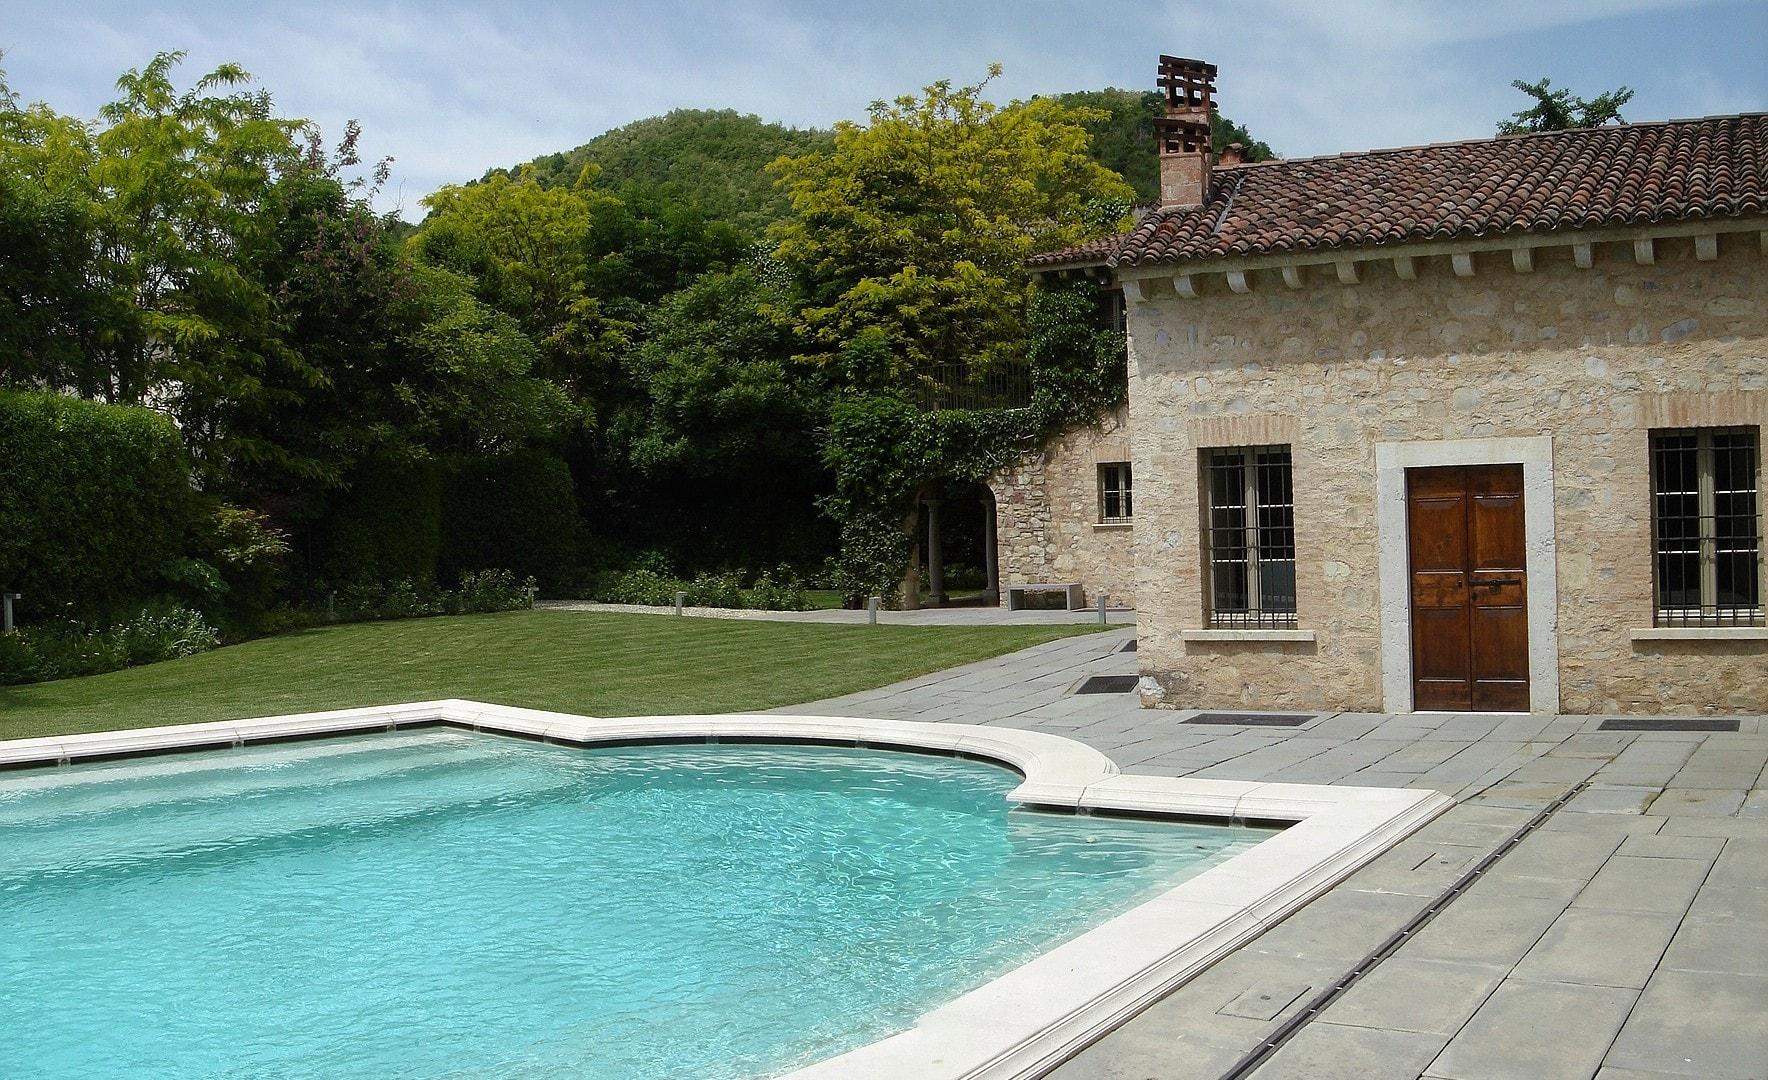 Franciacorta cascinale privato progettazione giardini soluzioni di qualit per il tuo giardino - Piscine franciacorta ...